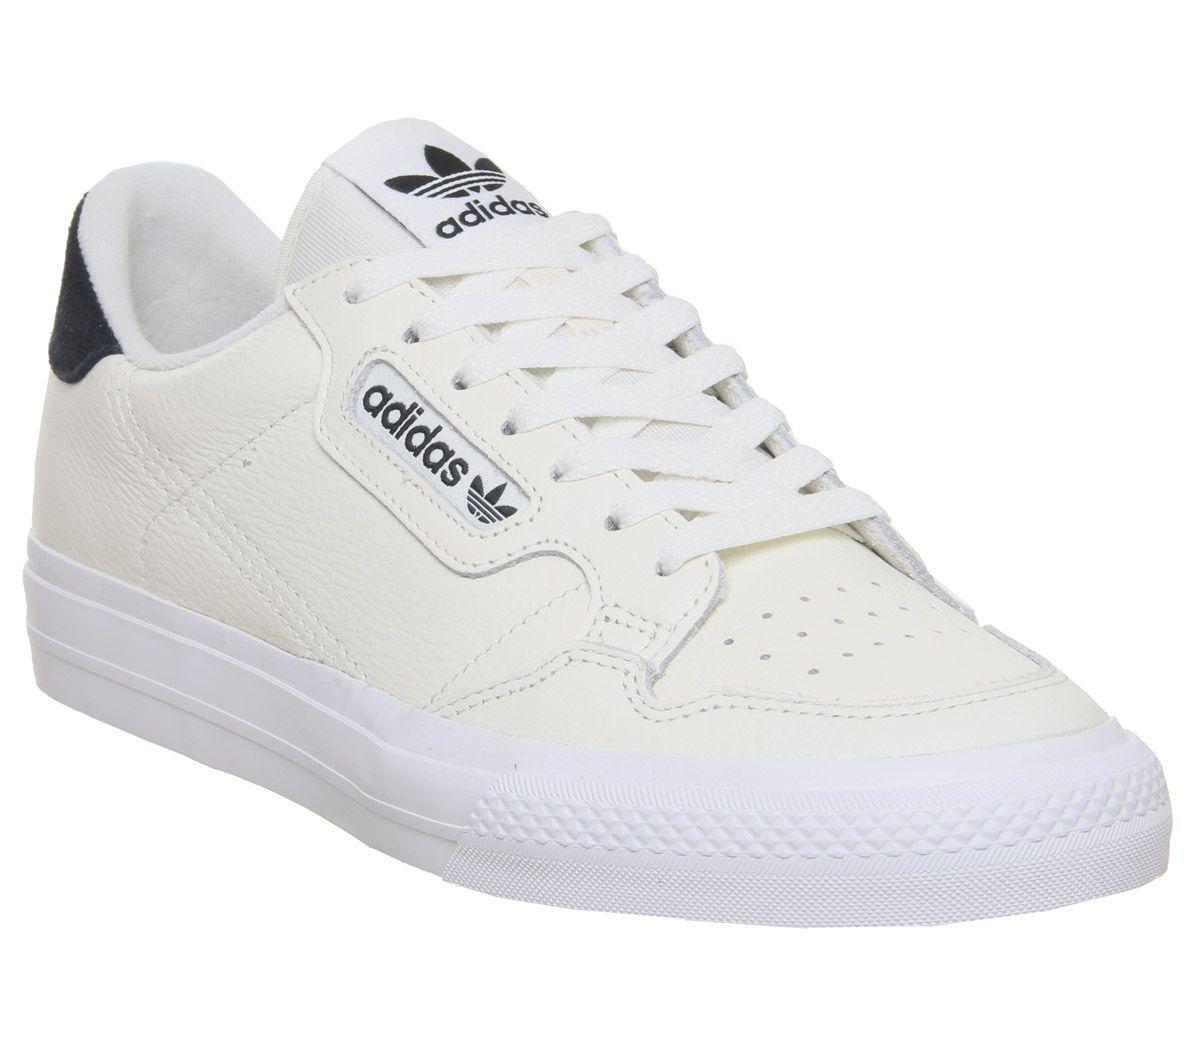 2adidas zapatillas hombre continental